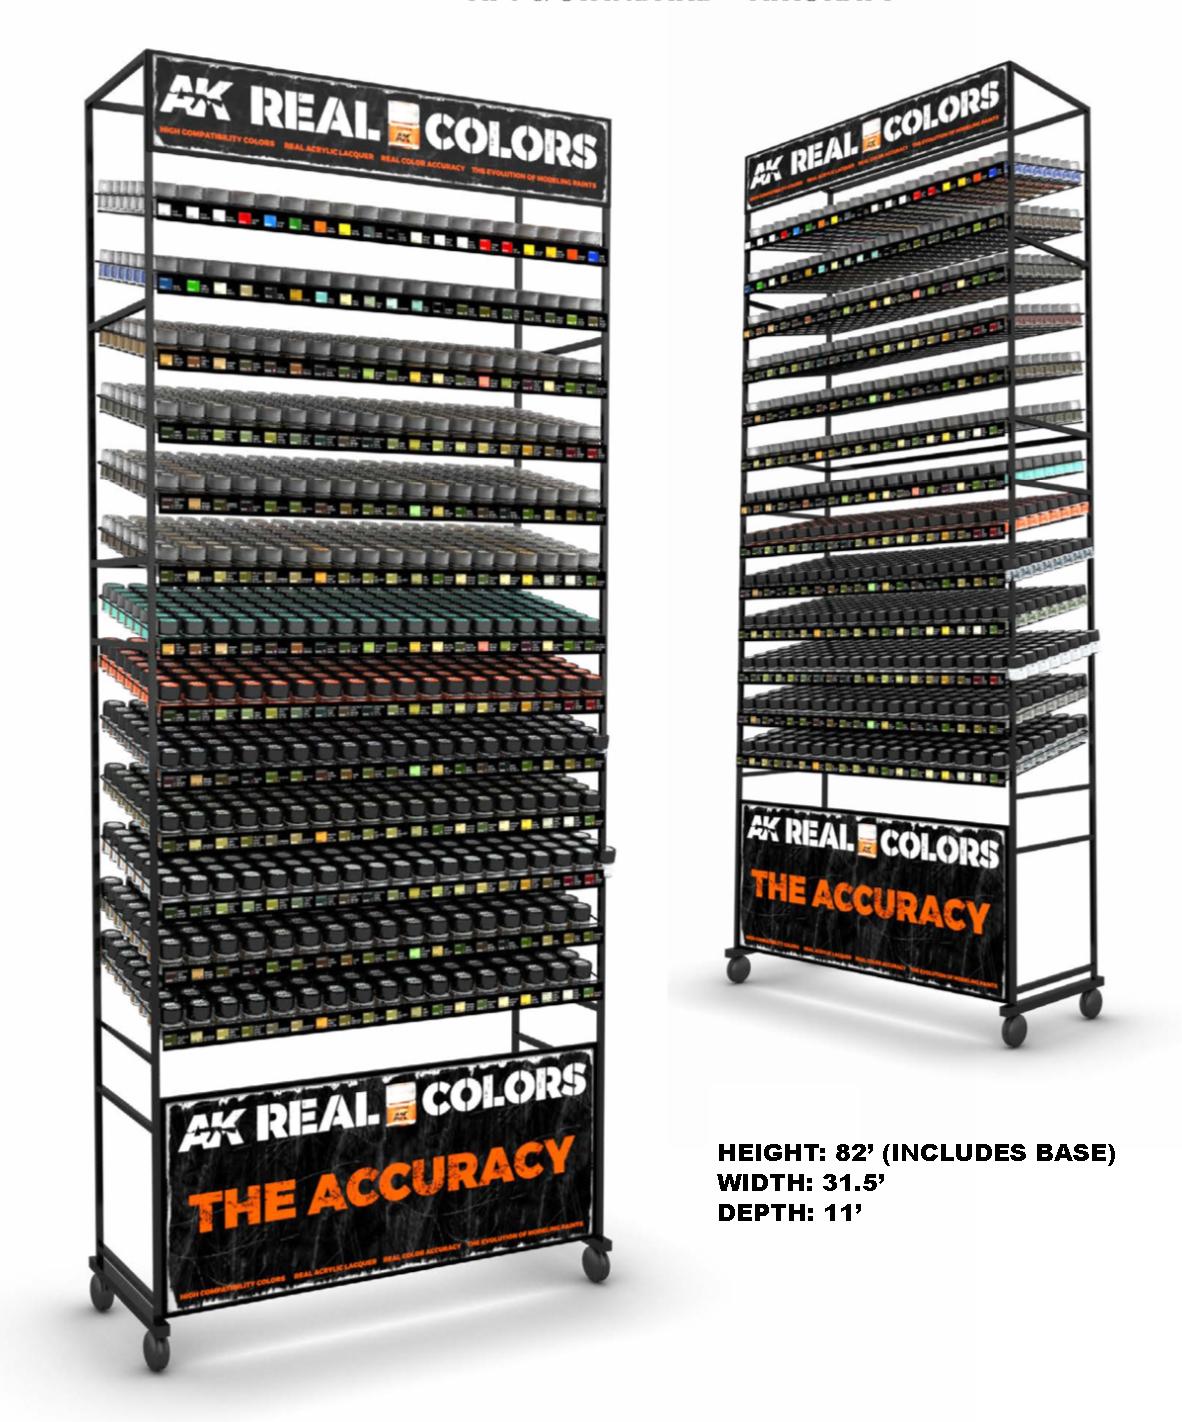 AK Interactive Real Colors Half Rack (AFV colors + AIR colors) (247 Colors x 4 units)